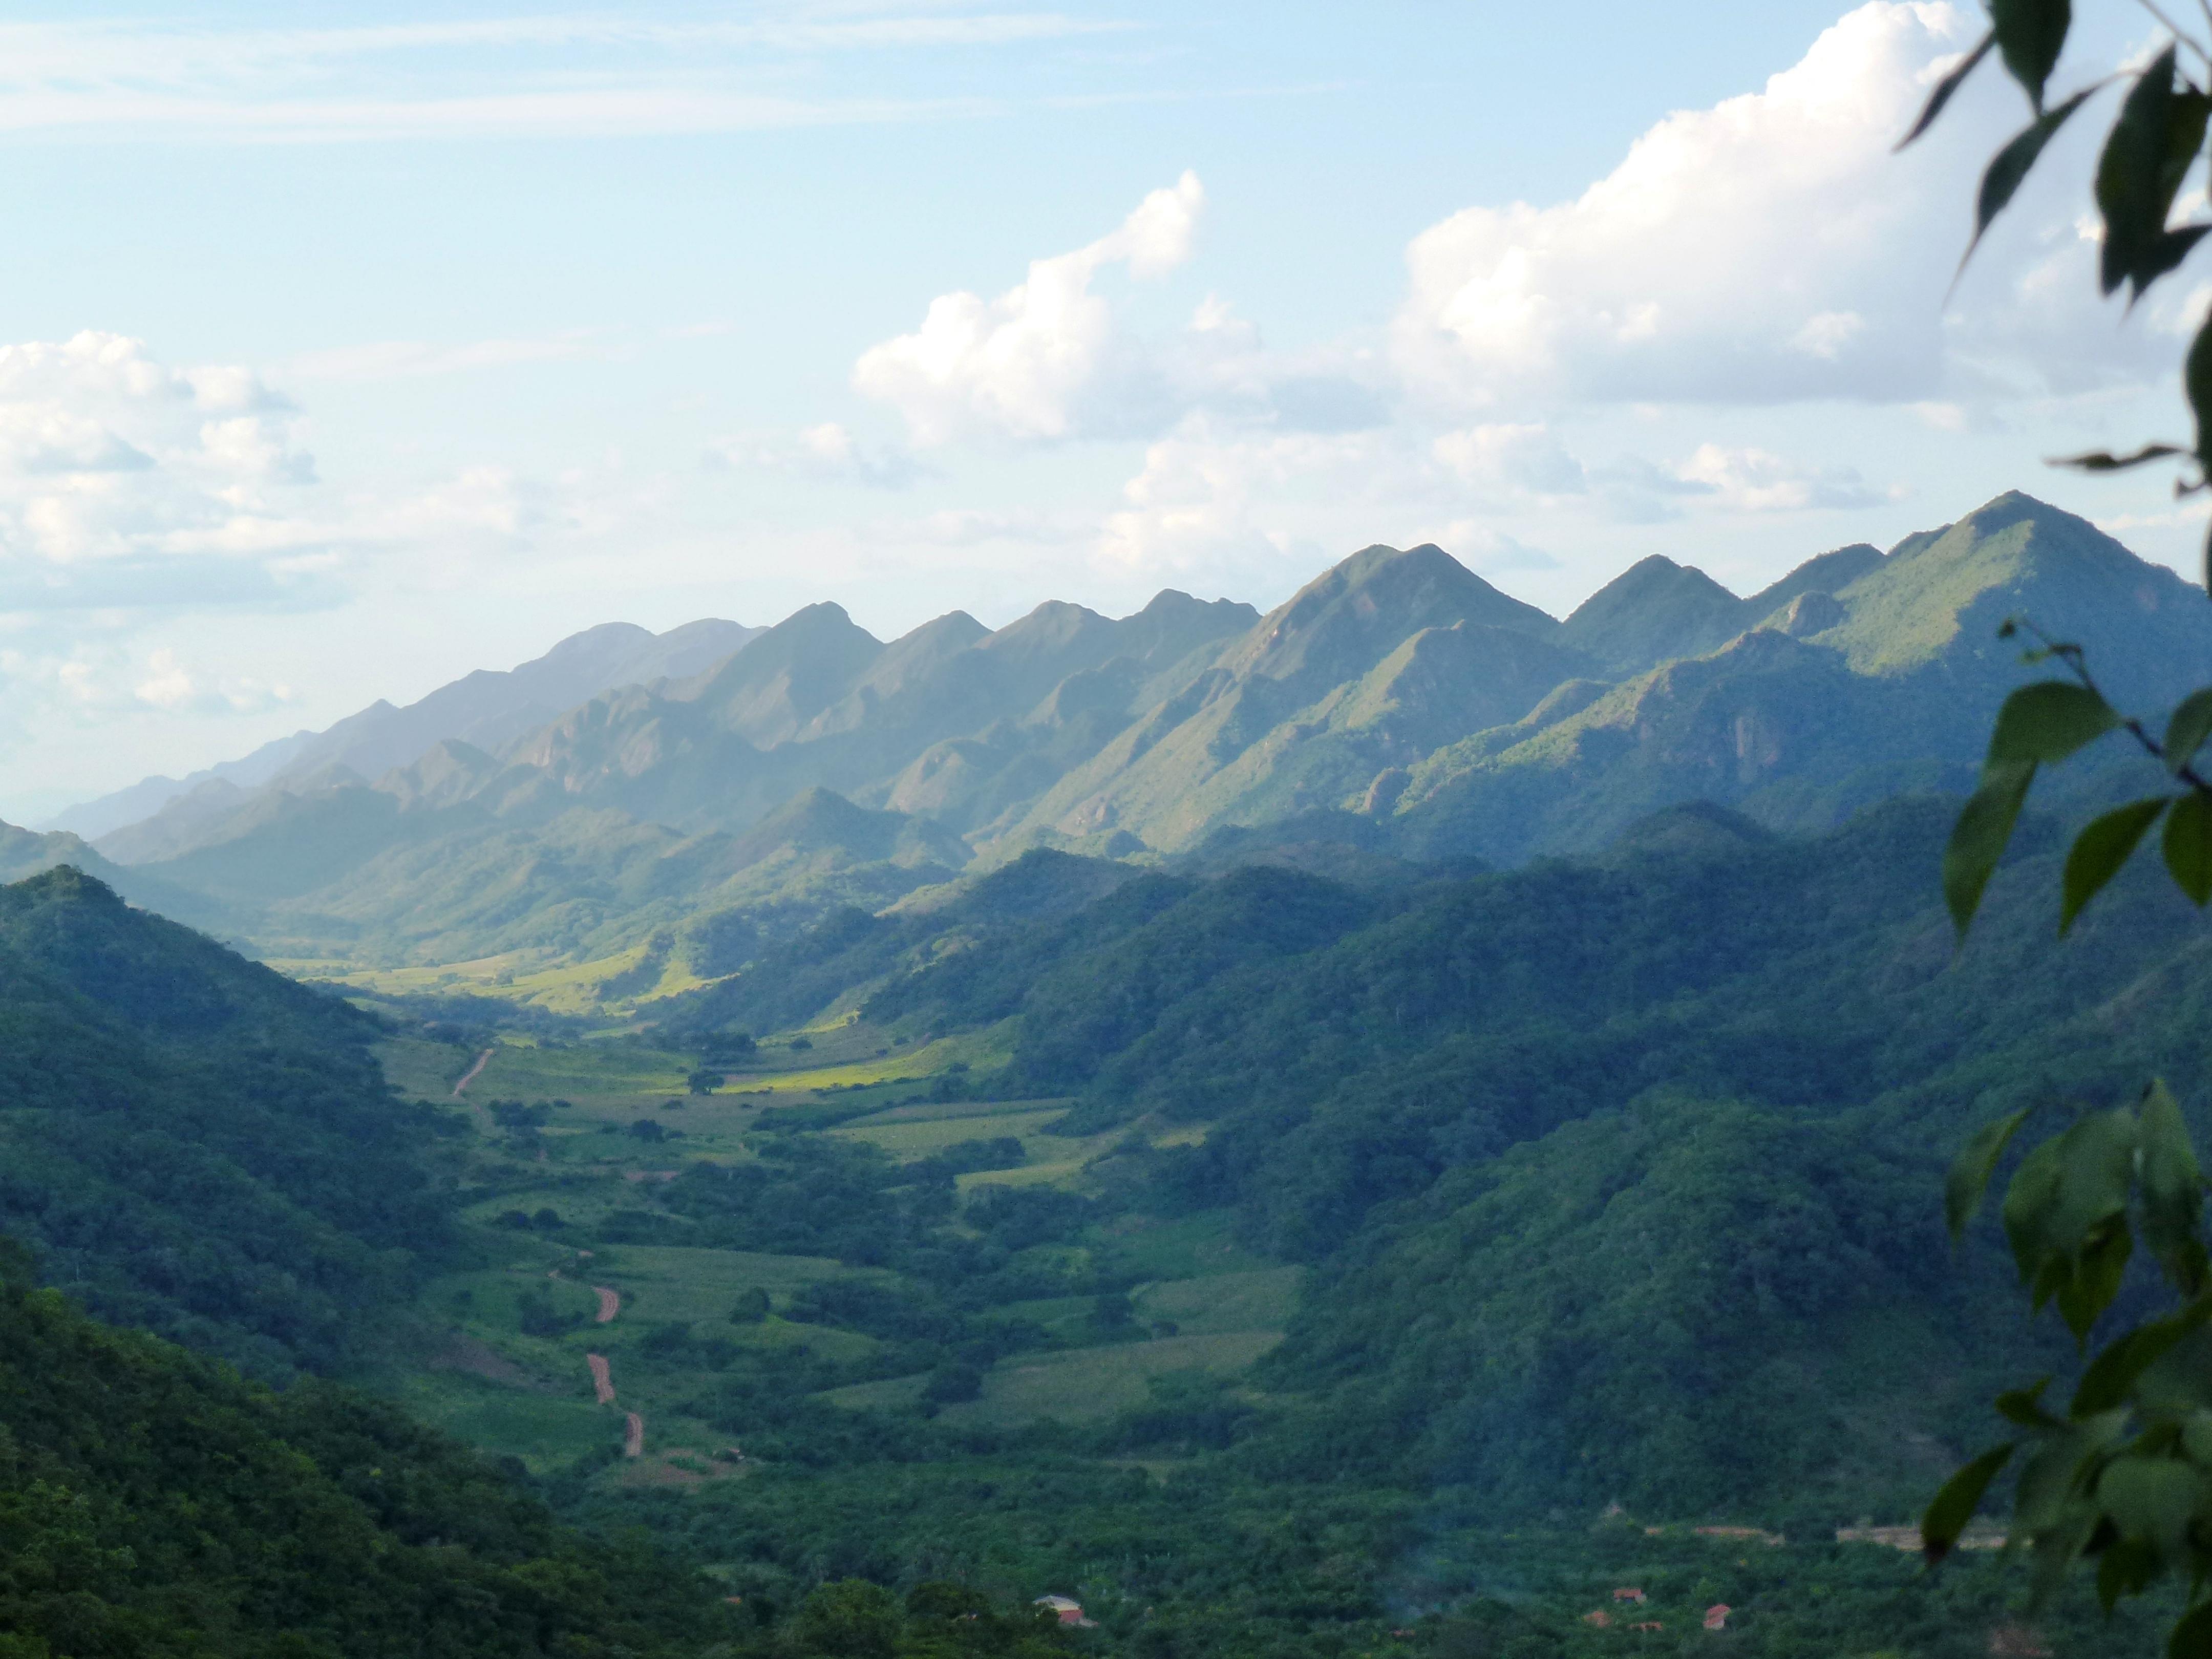 Parque nacional y área natural de manejo integrado Iñao